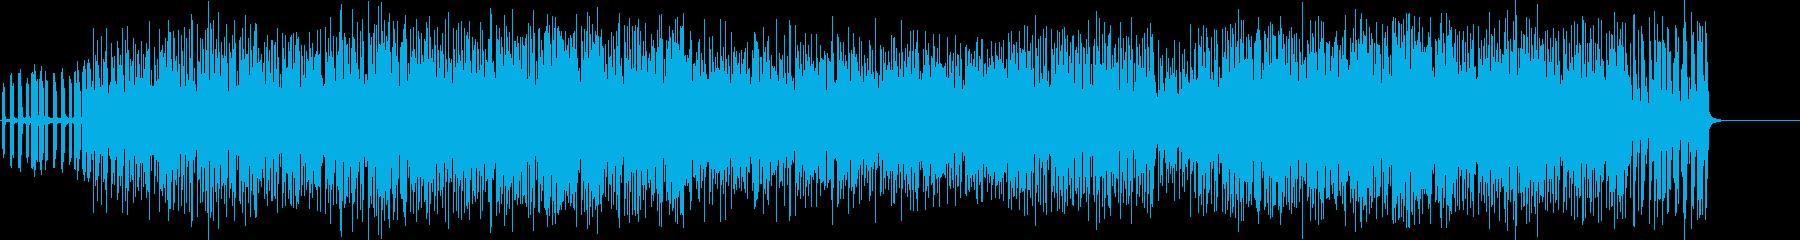 マイナー・ポップ/テクノ/BGの再生済みの波形